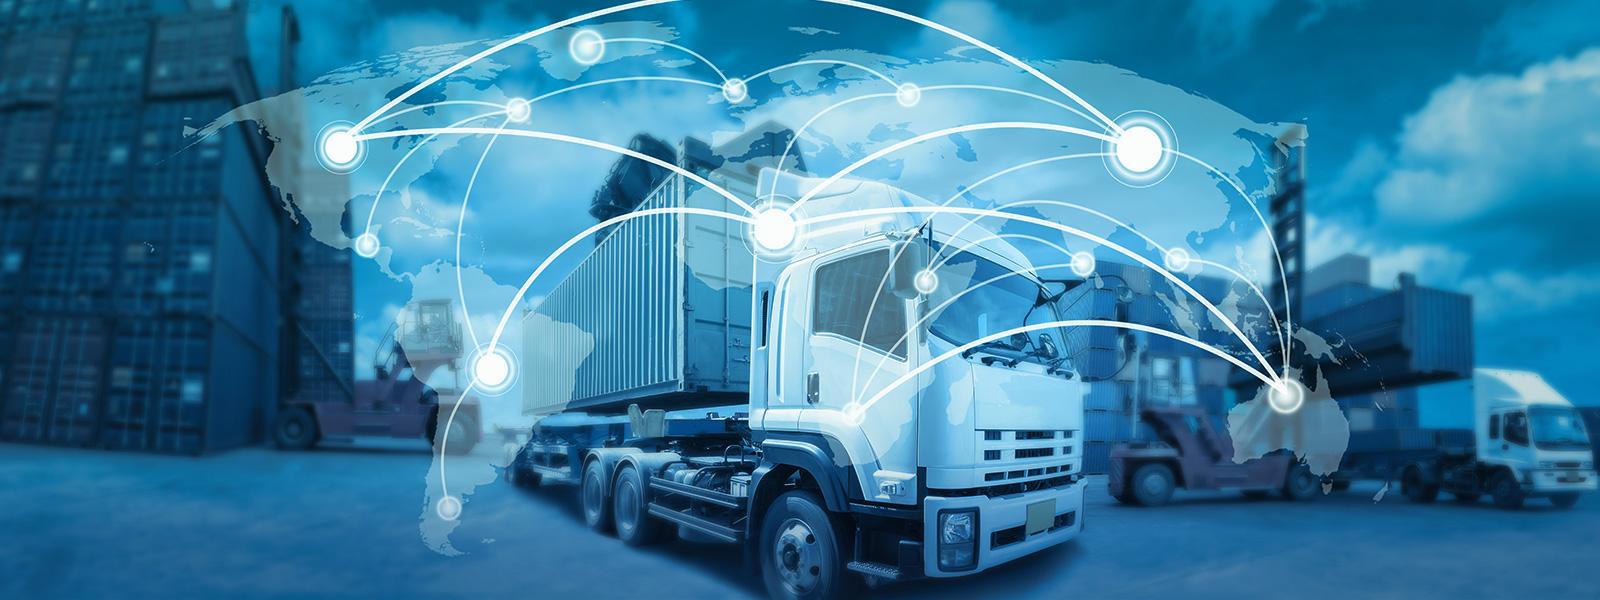 Soluções inovadoras para prevenção de roubo de cargas